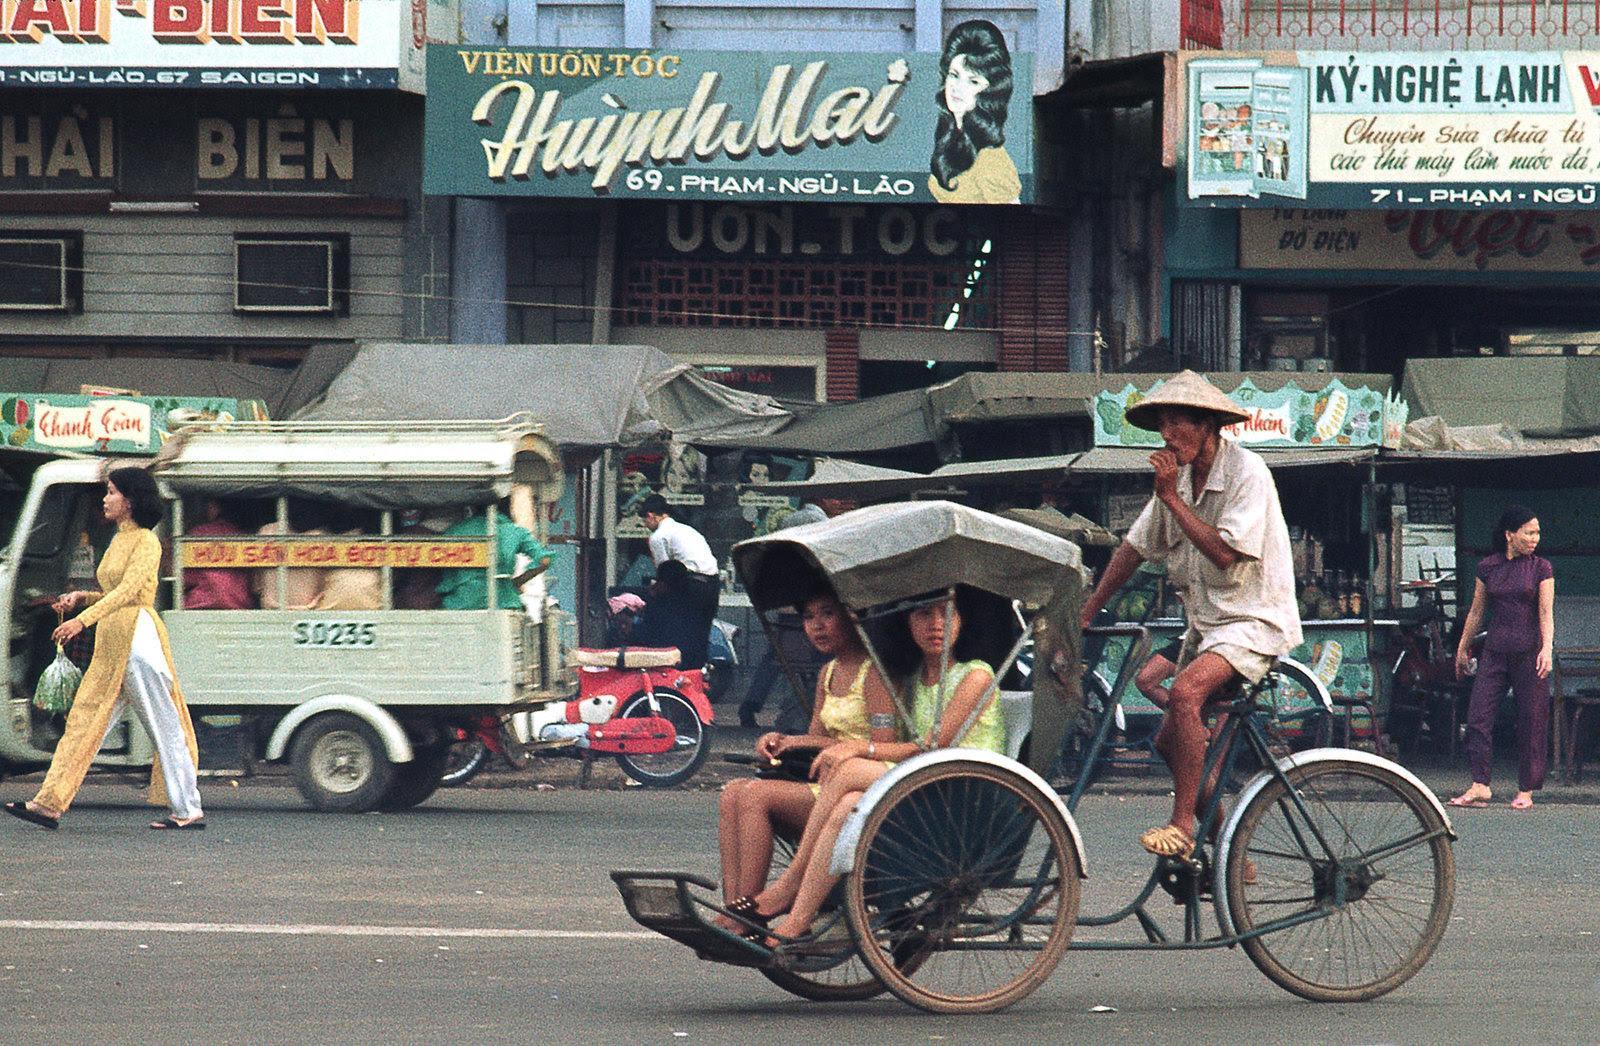 60 tấm ảnh màu đẹp nhất của đường phố Saigon thập niên 1960-1970 - 27